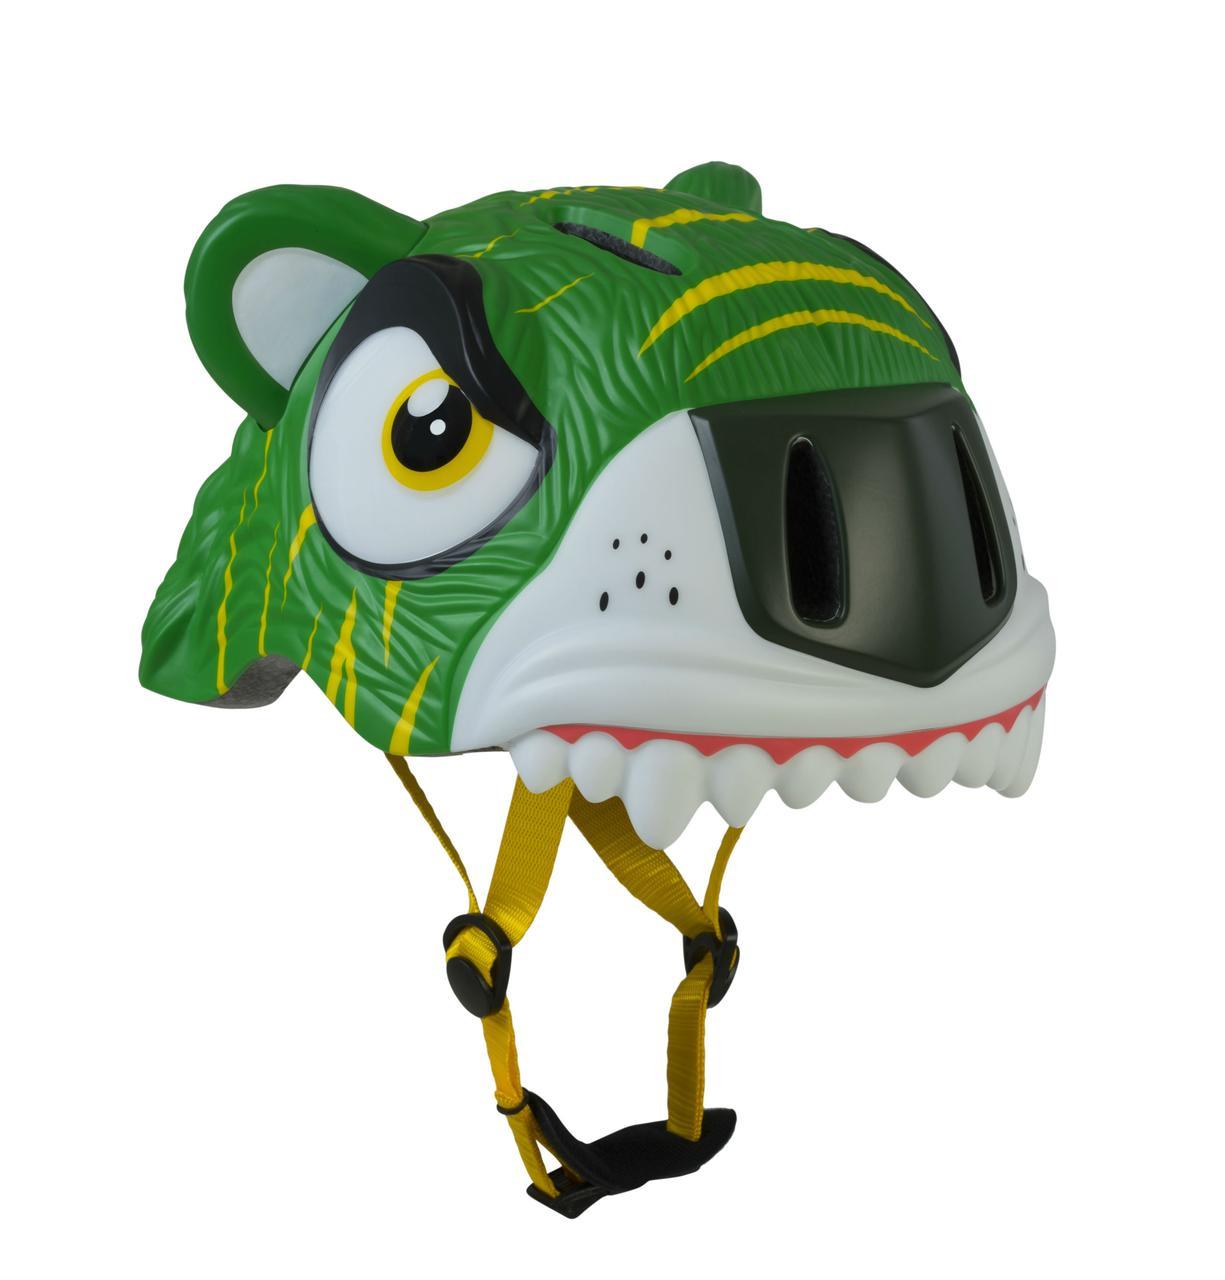 Купить Шлем защитный детский Crazy Safety 2017 Green Tiger зелёный,